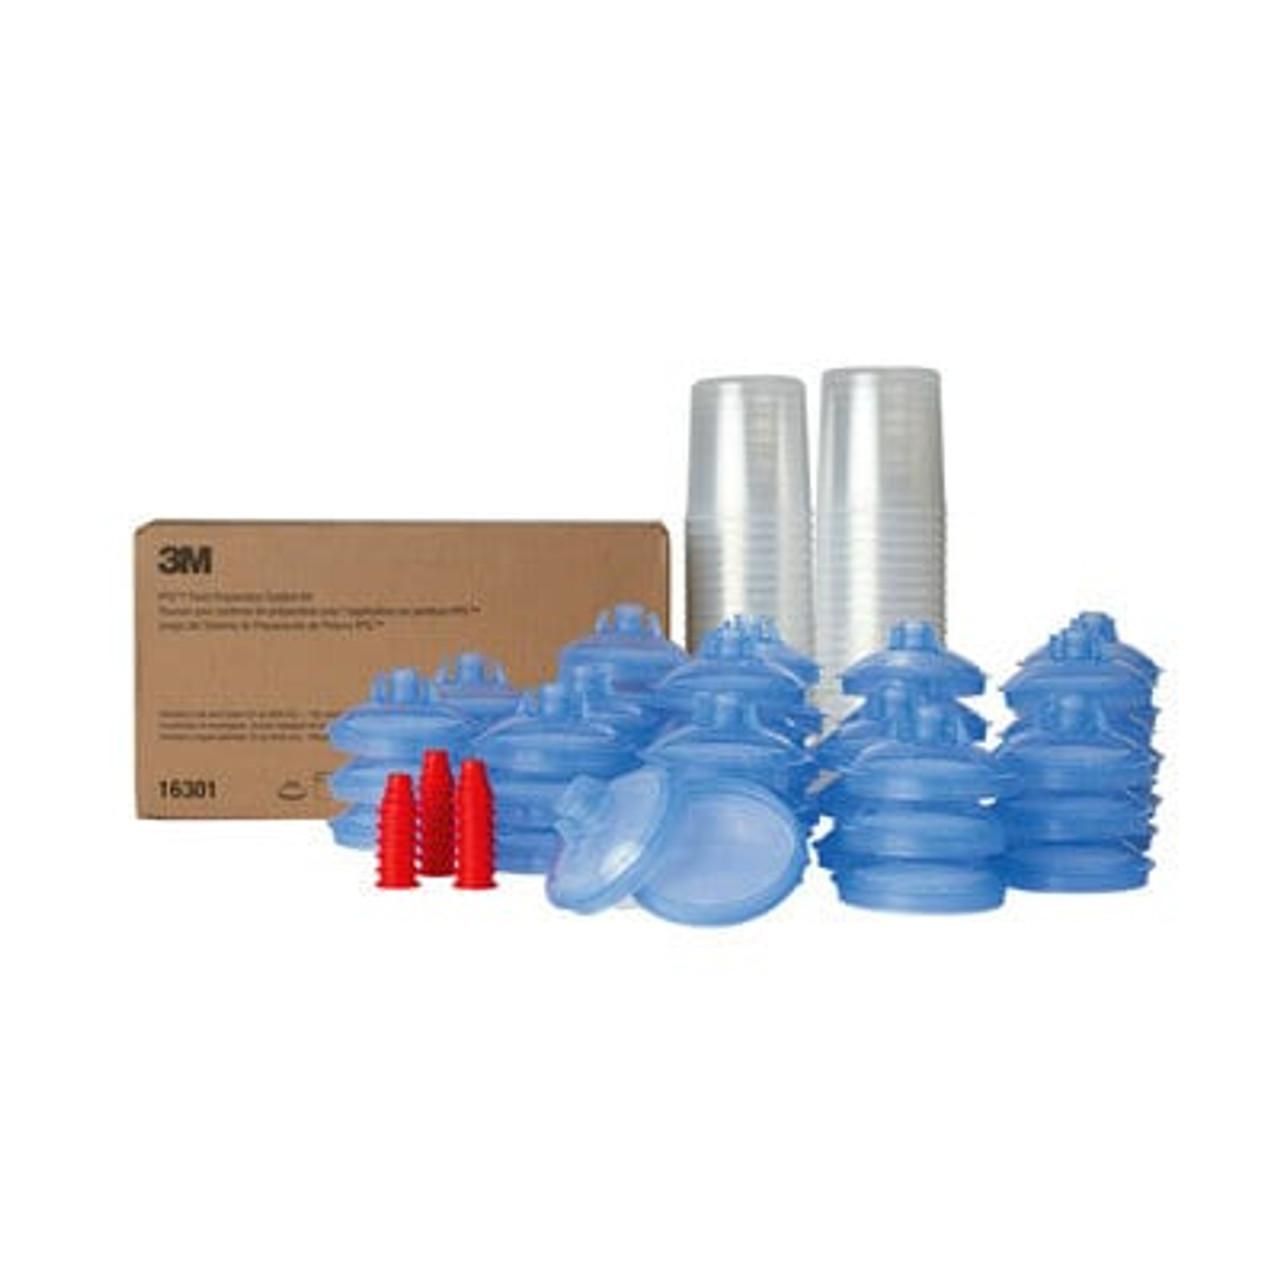 3M™ PPS™ Lid & Liner Kit, 16301, Standard (22 fl oz), 125 Micron Full Diameter Filter